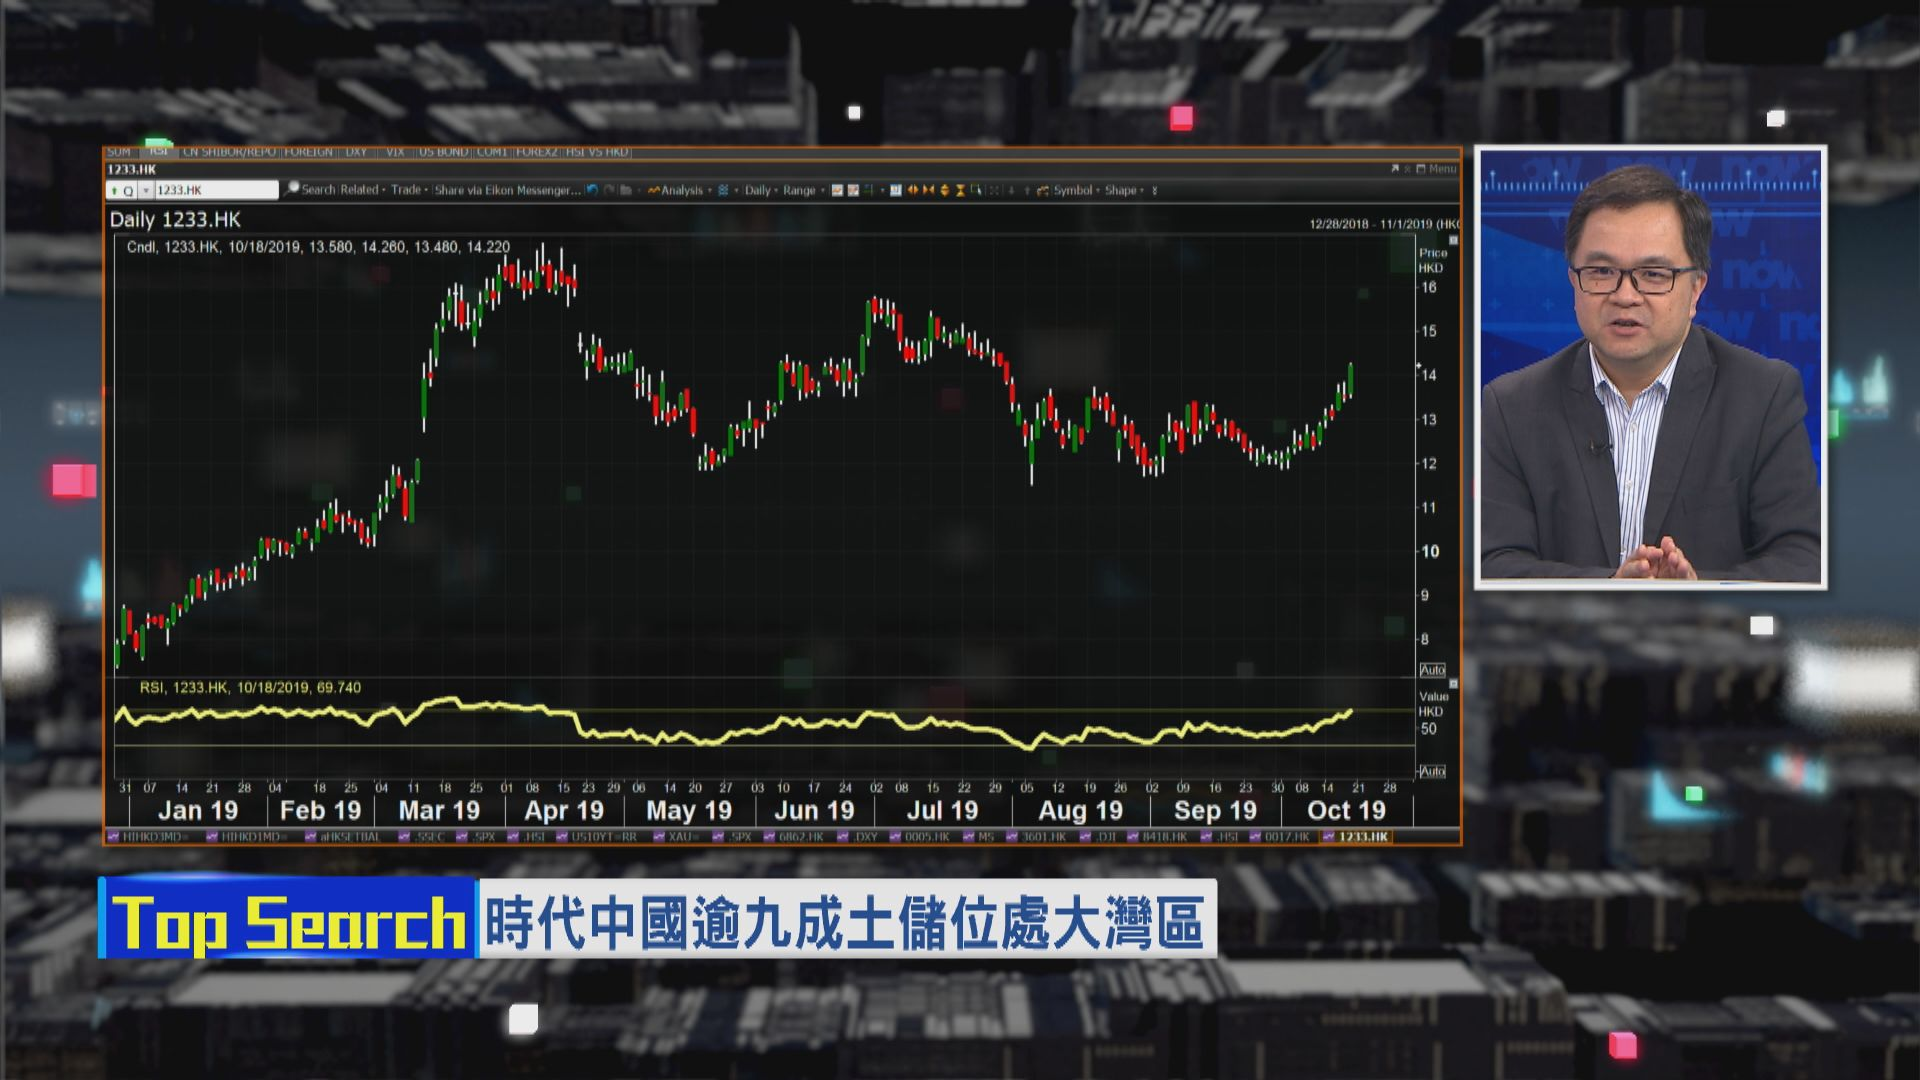 【財經TOP SEARCH】時代中國股價或「衰收尾」